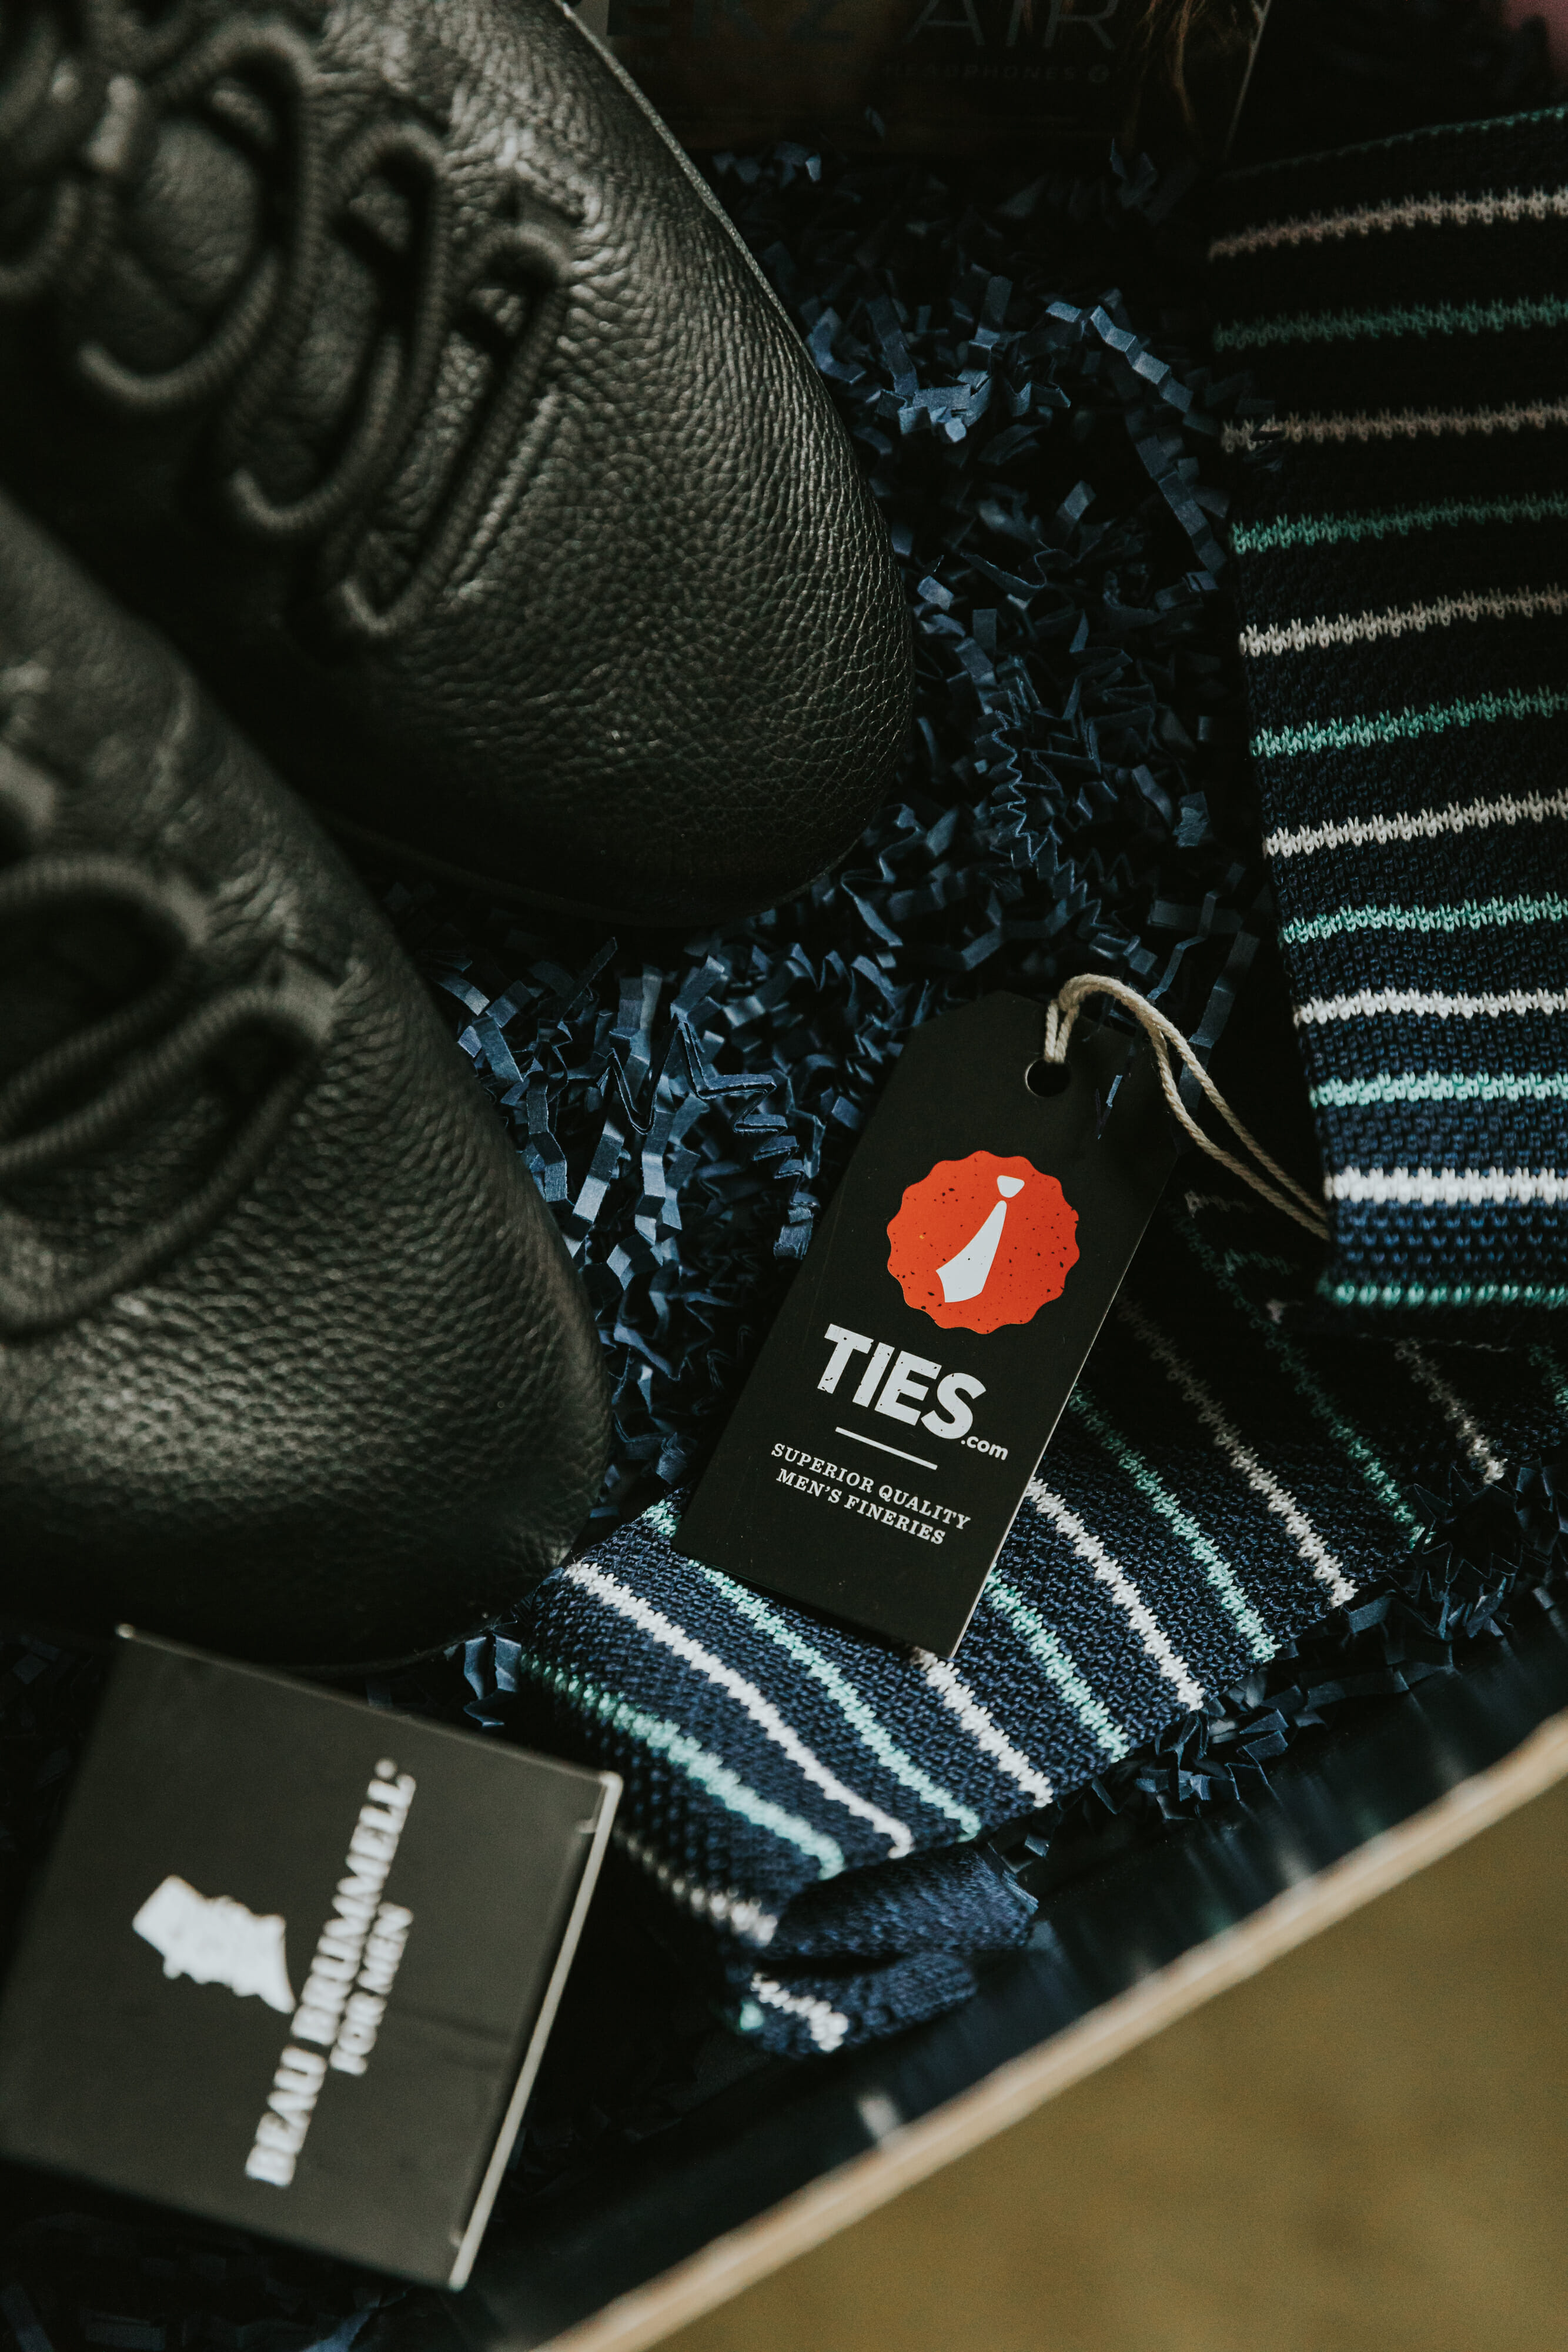 ties.com tie